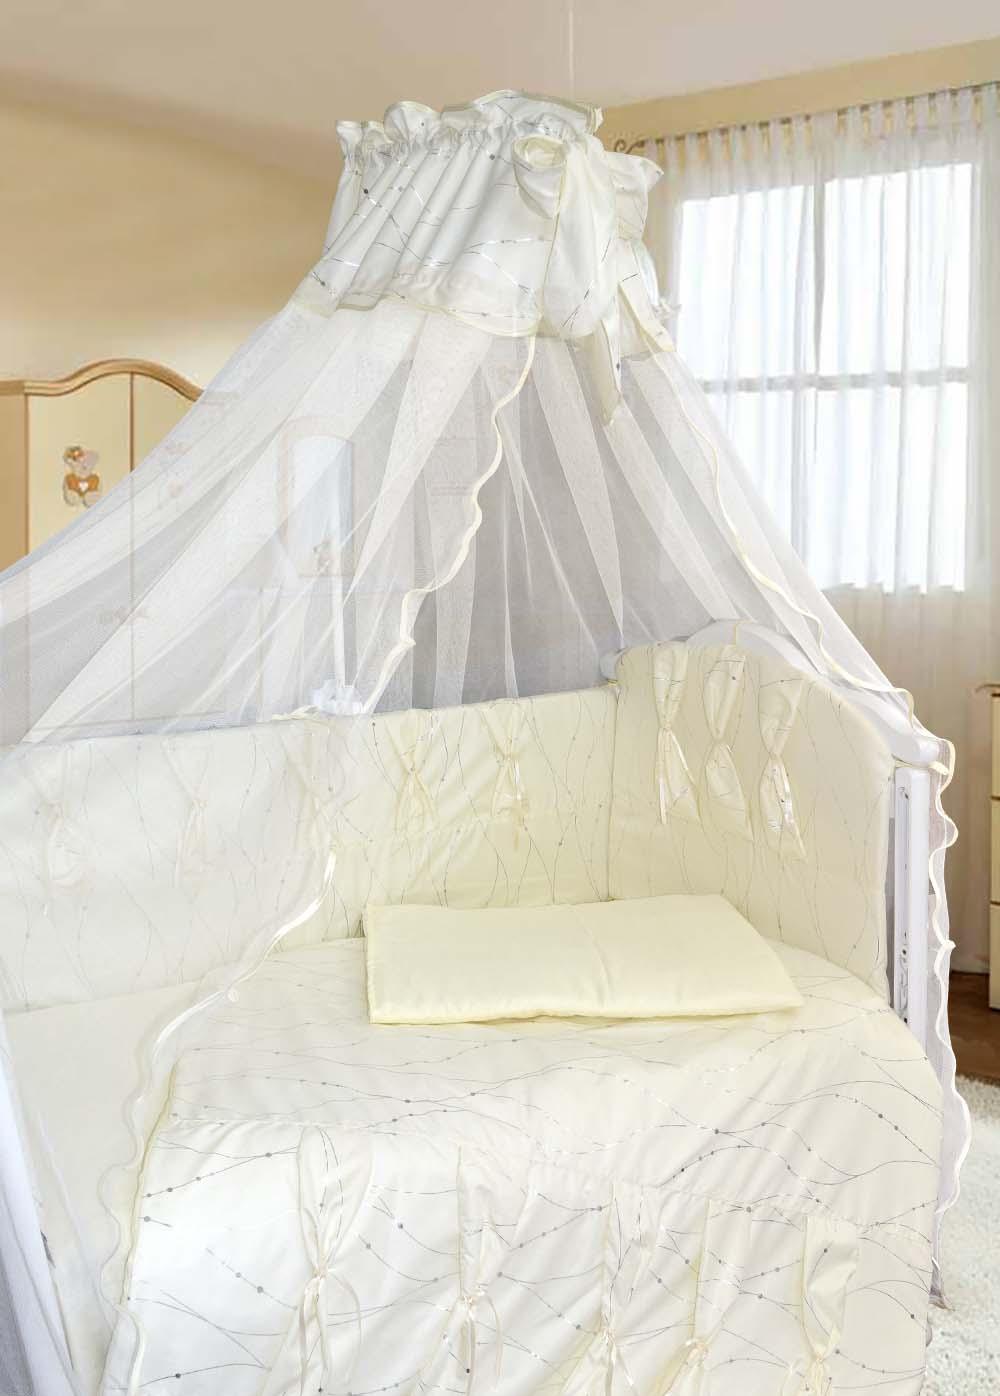 Комплект в кроватку - Нежность, 7 предметов, бежевыйДетское постельное белье<br>Комплект в кроватку - Нежность, 7 предметов, бежевый<br>